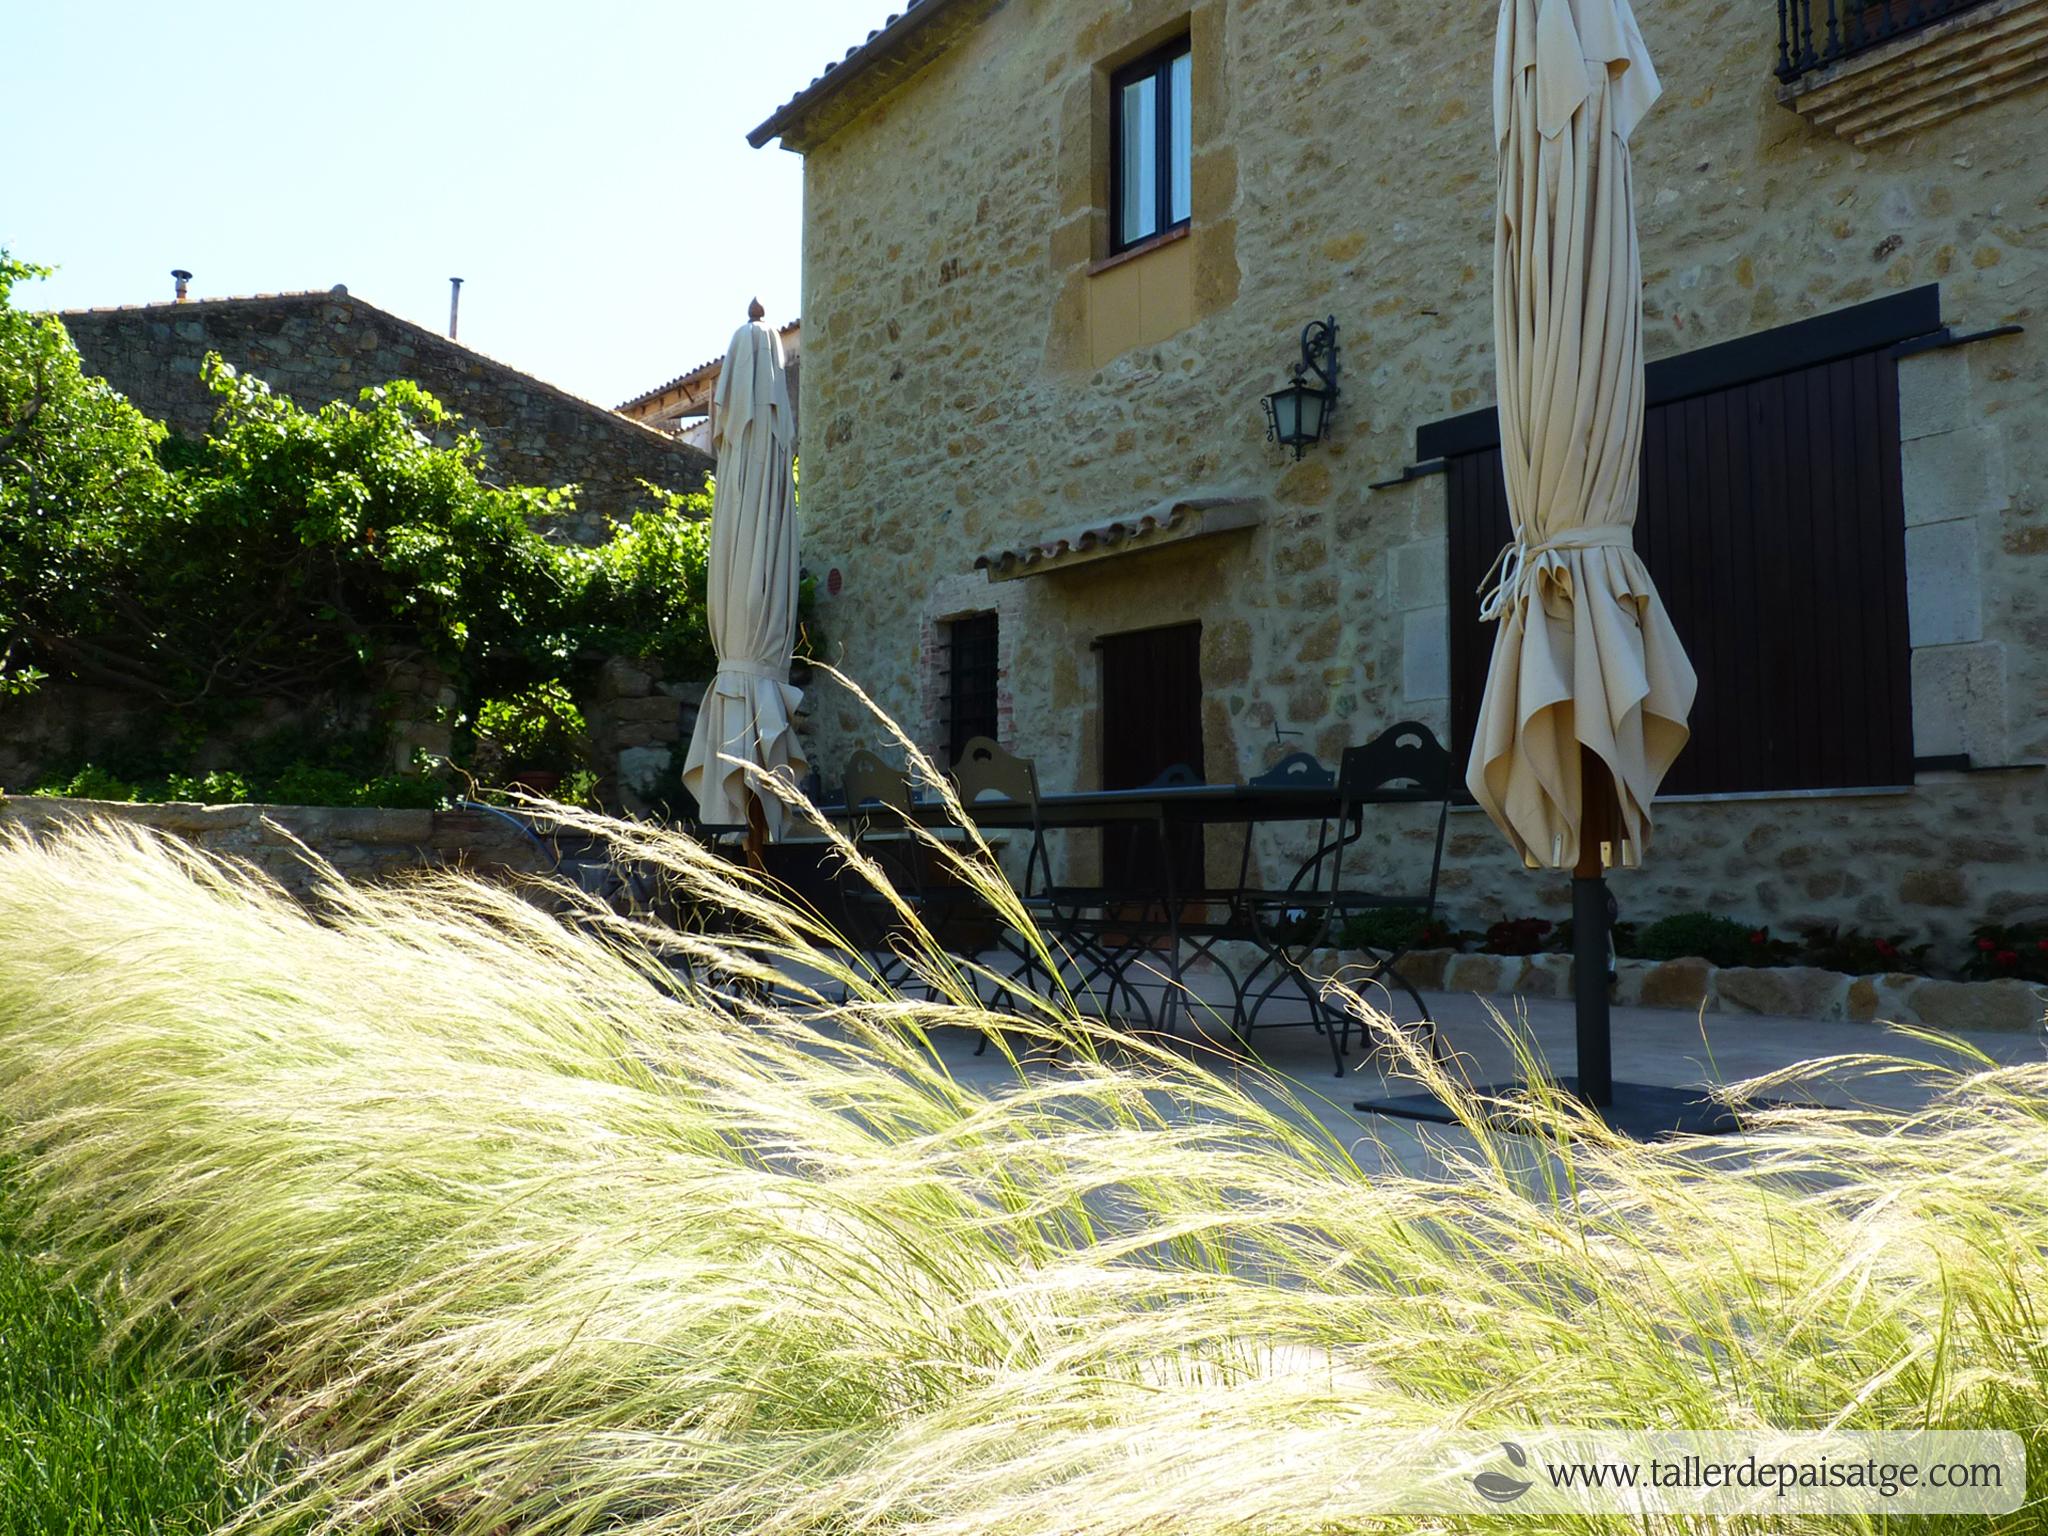 jardí casa rústica poble